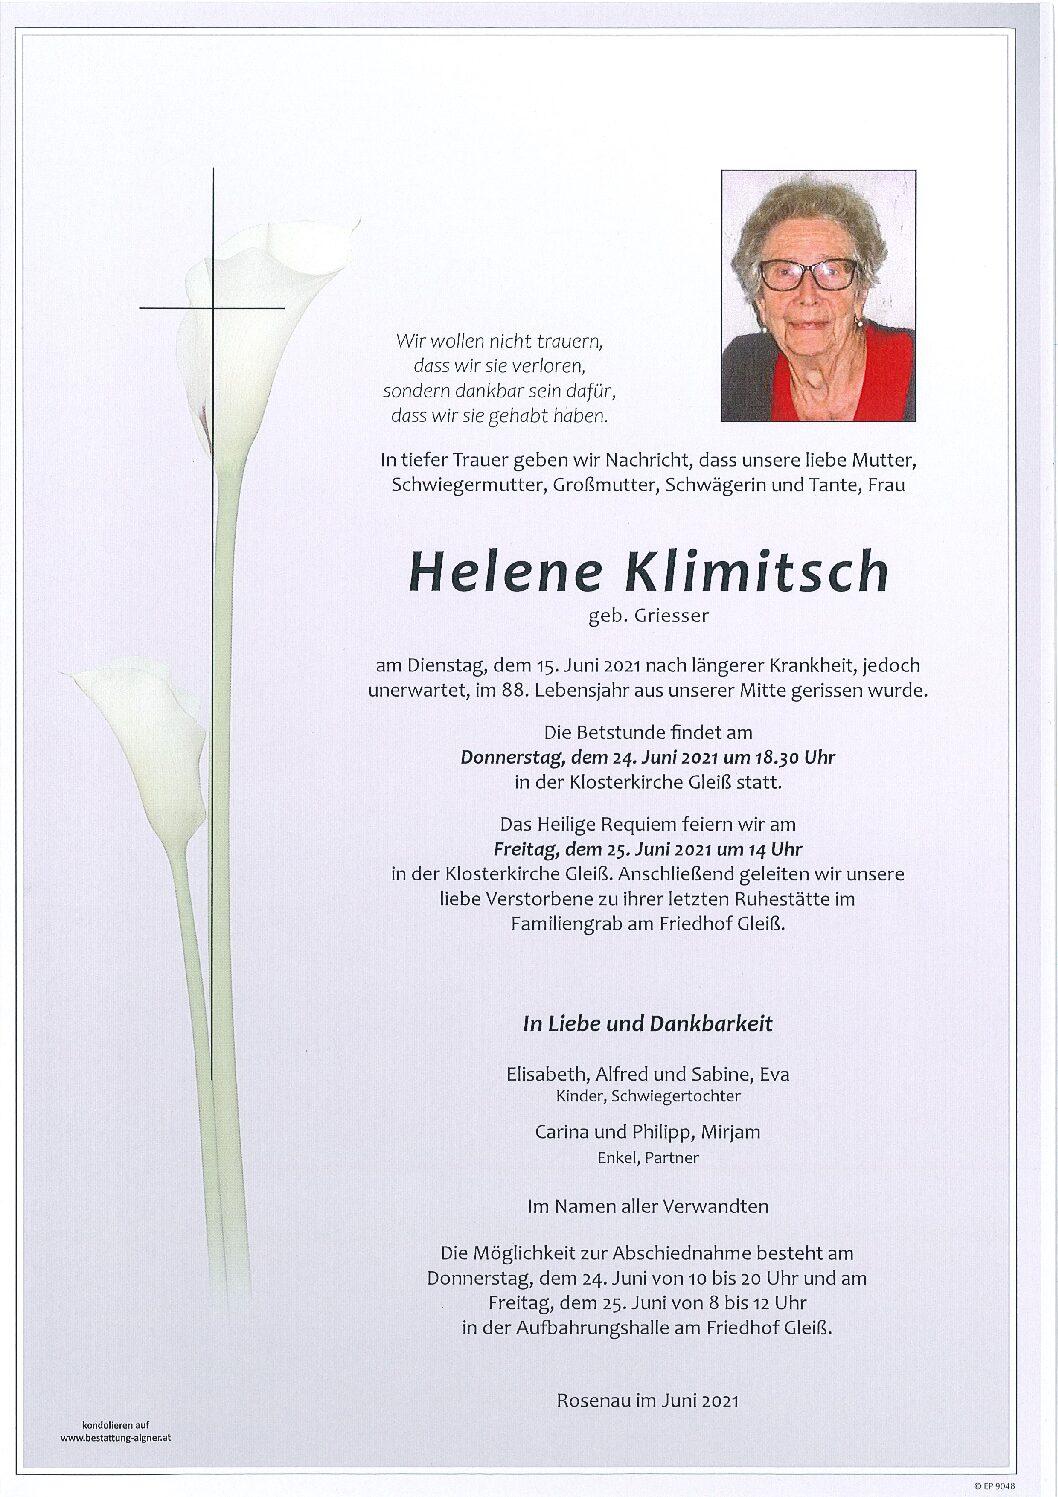 Helene Klimitsch